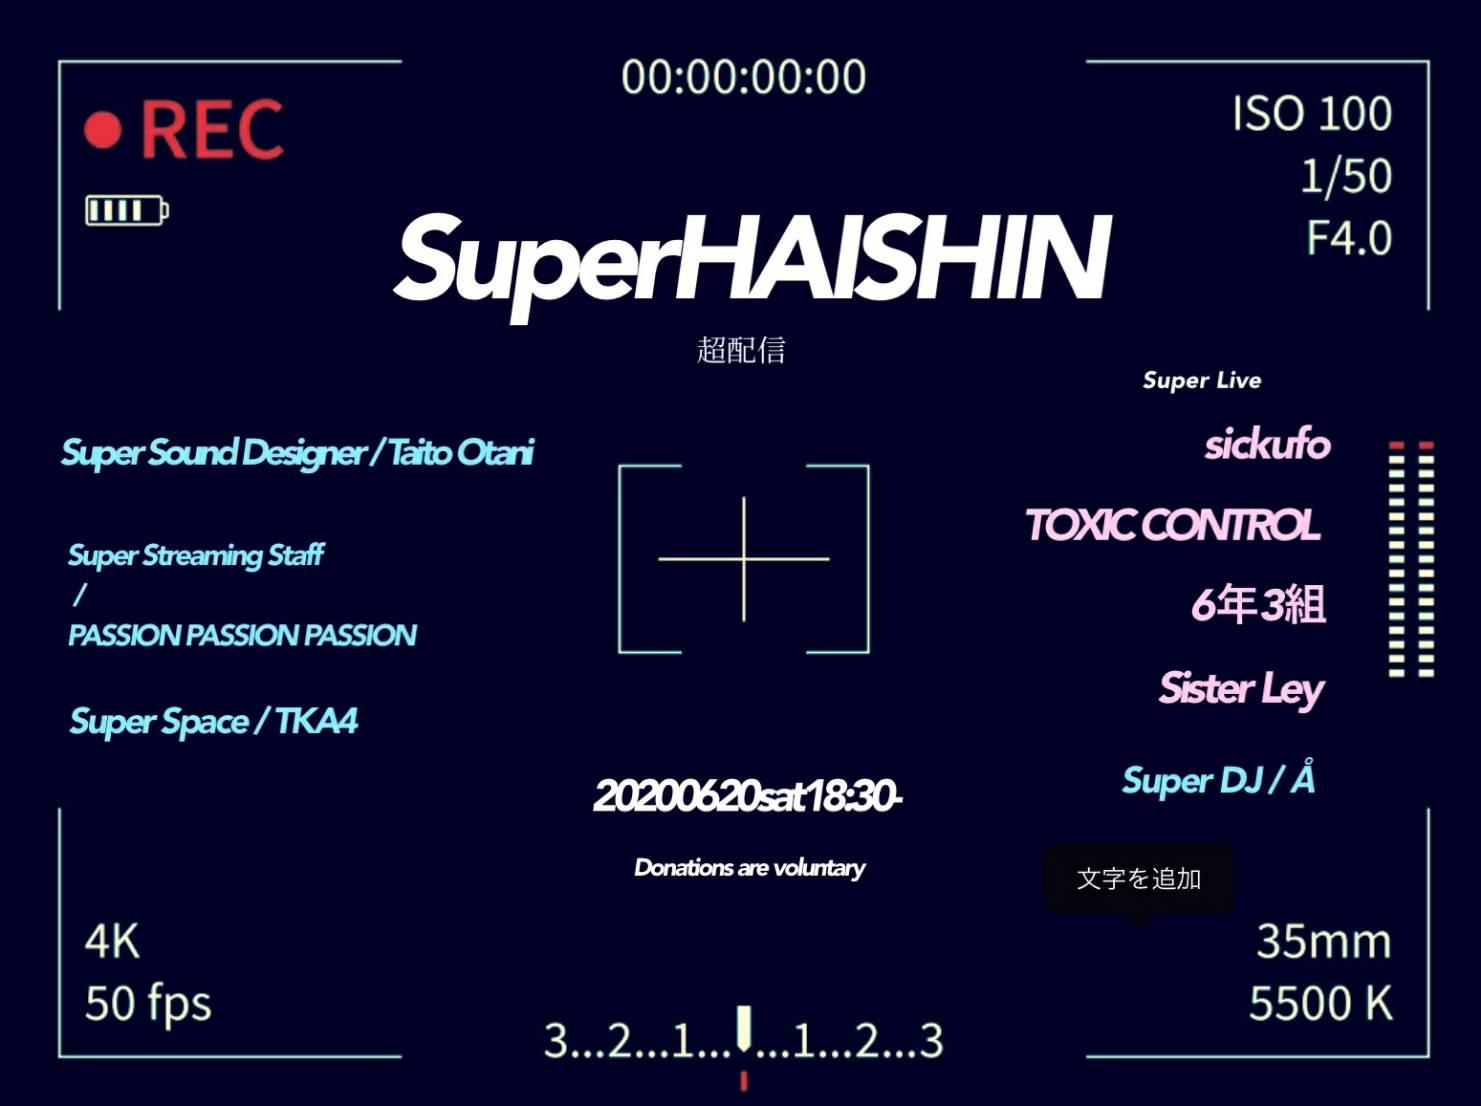 SuperHAISHIN